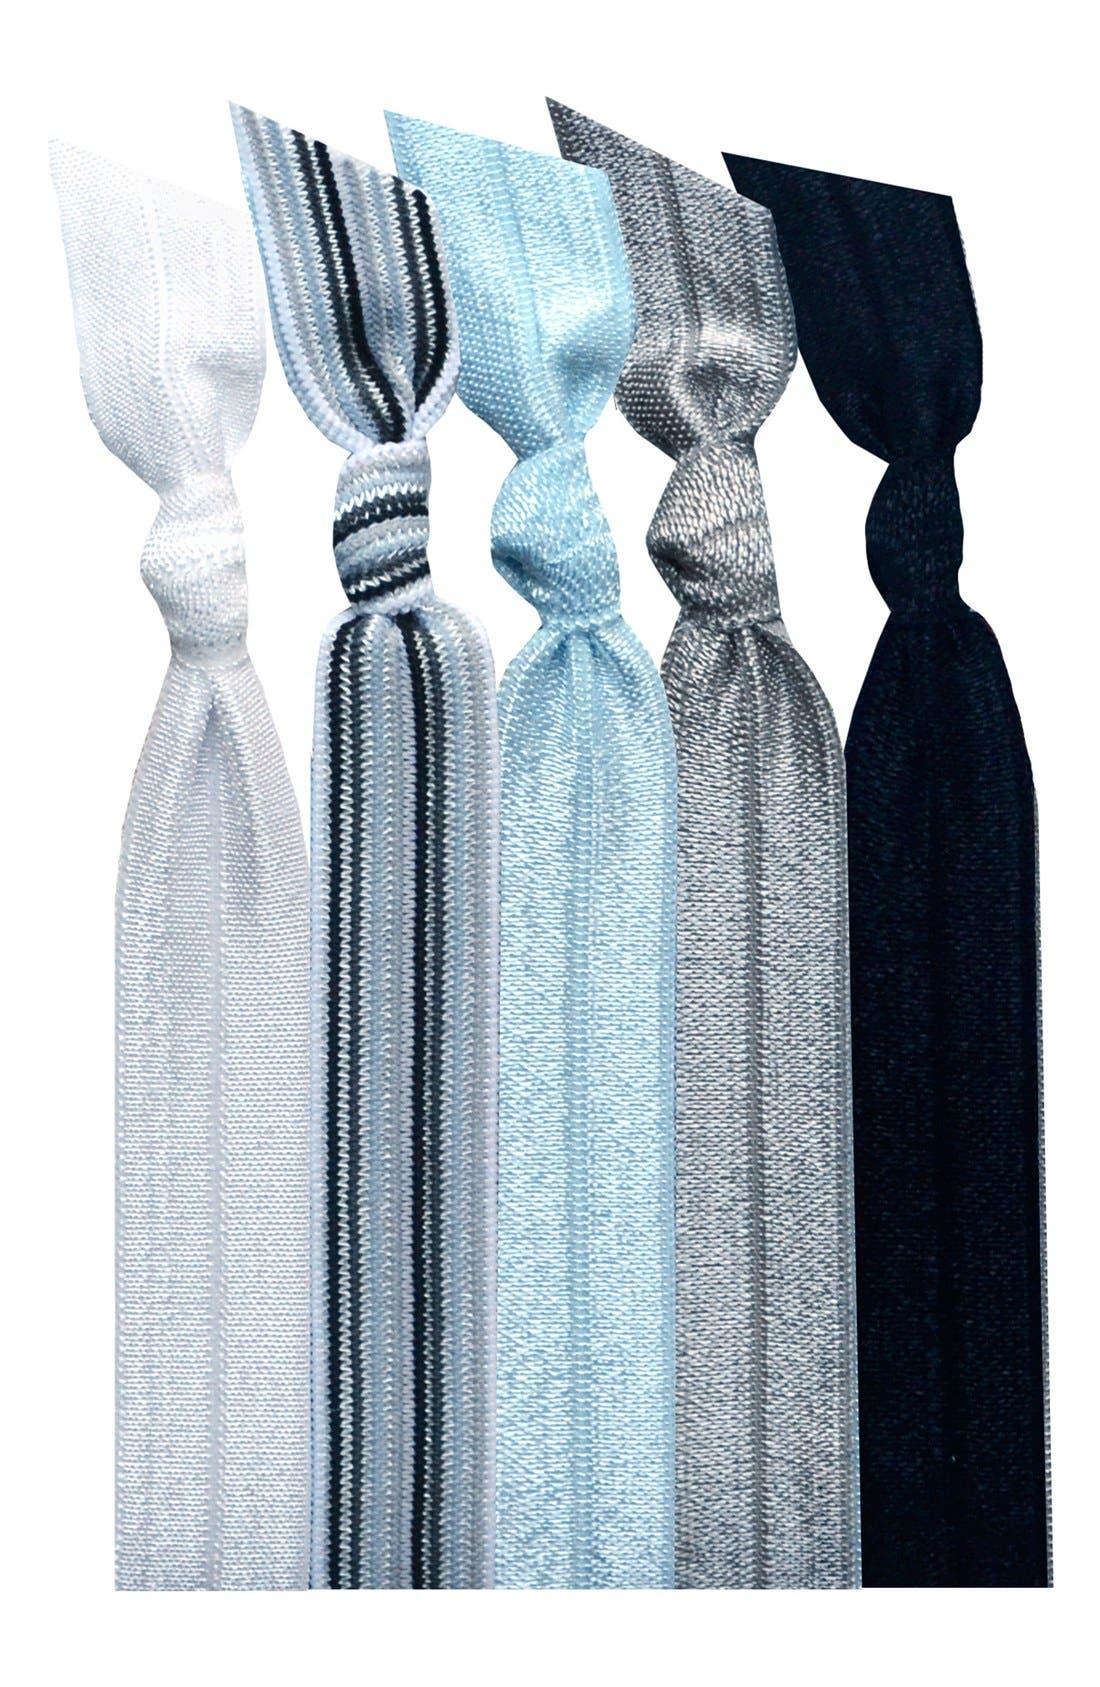 Alternate Image 1 Selected - Emi-Jay 'Grey Stripe' Hair Ties (5-Pack) ($10.80 Value)